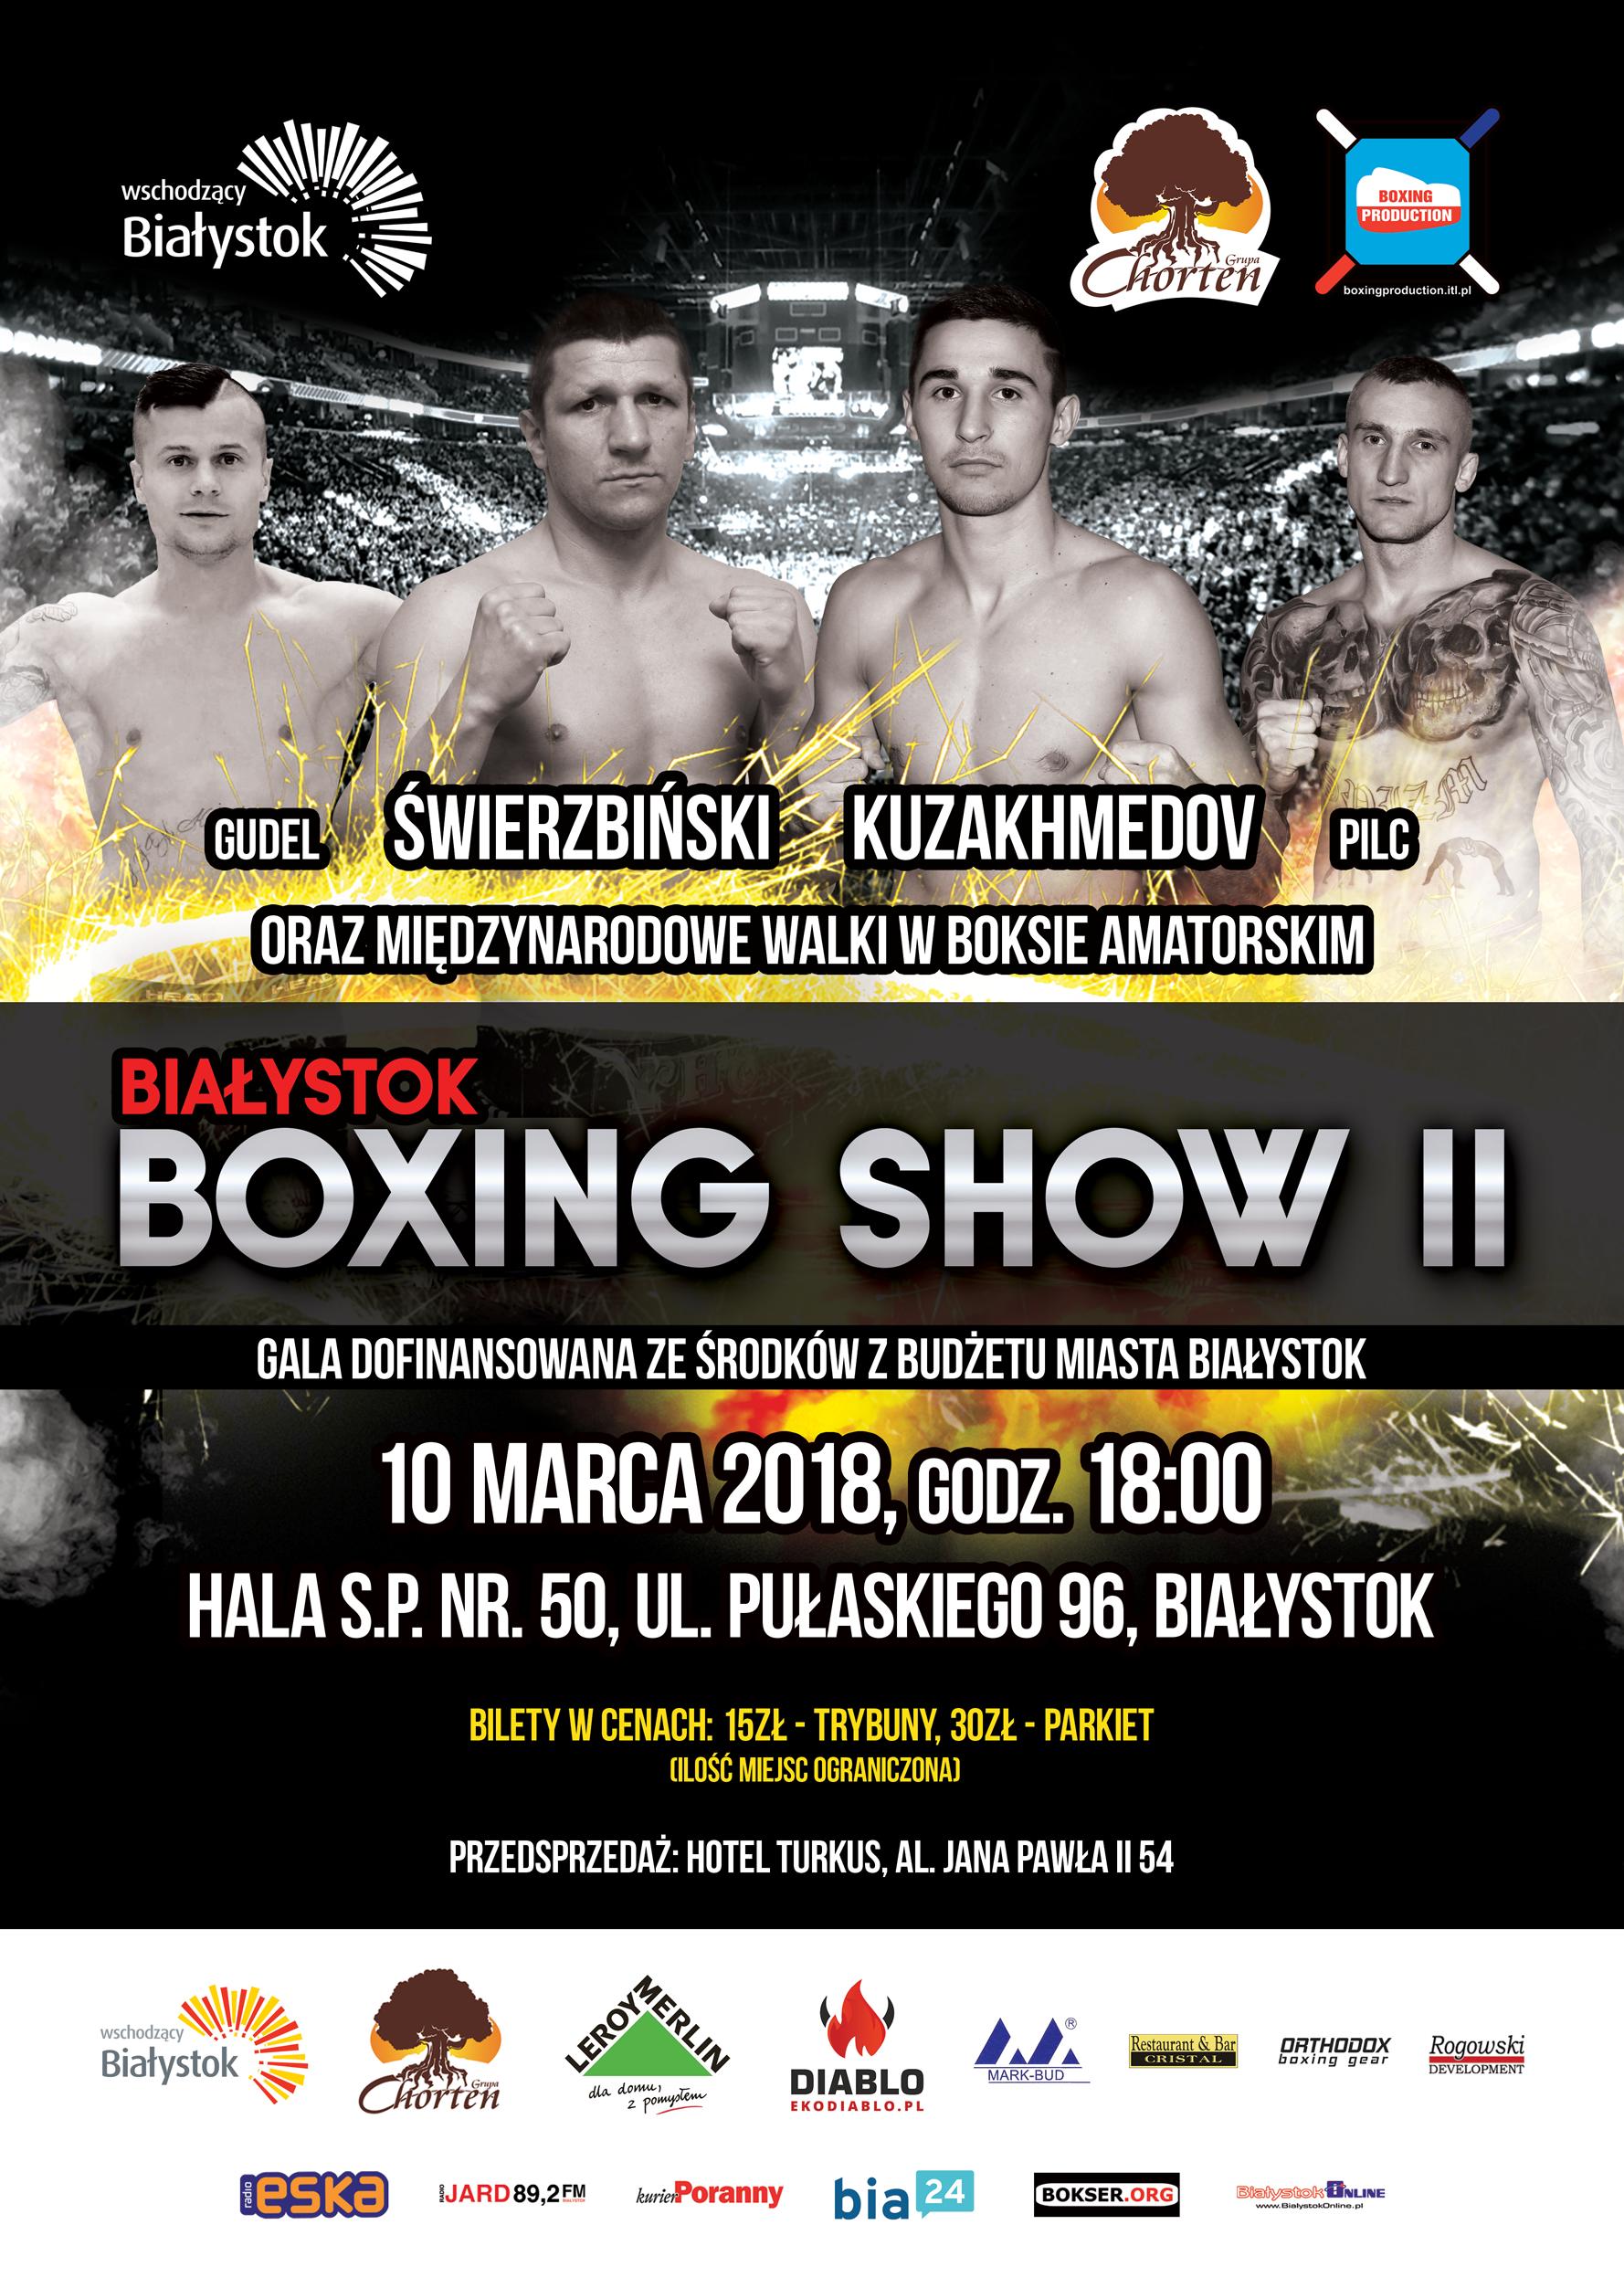 Białystok Boxing Show II